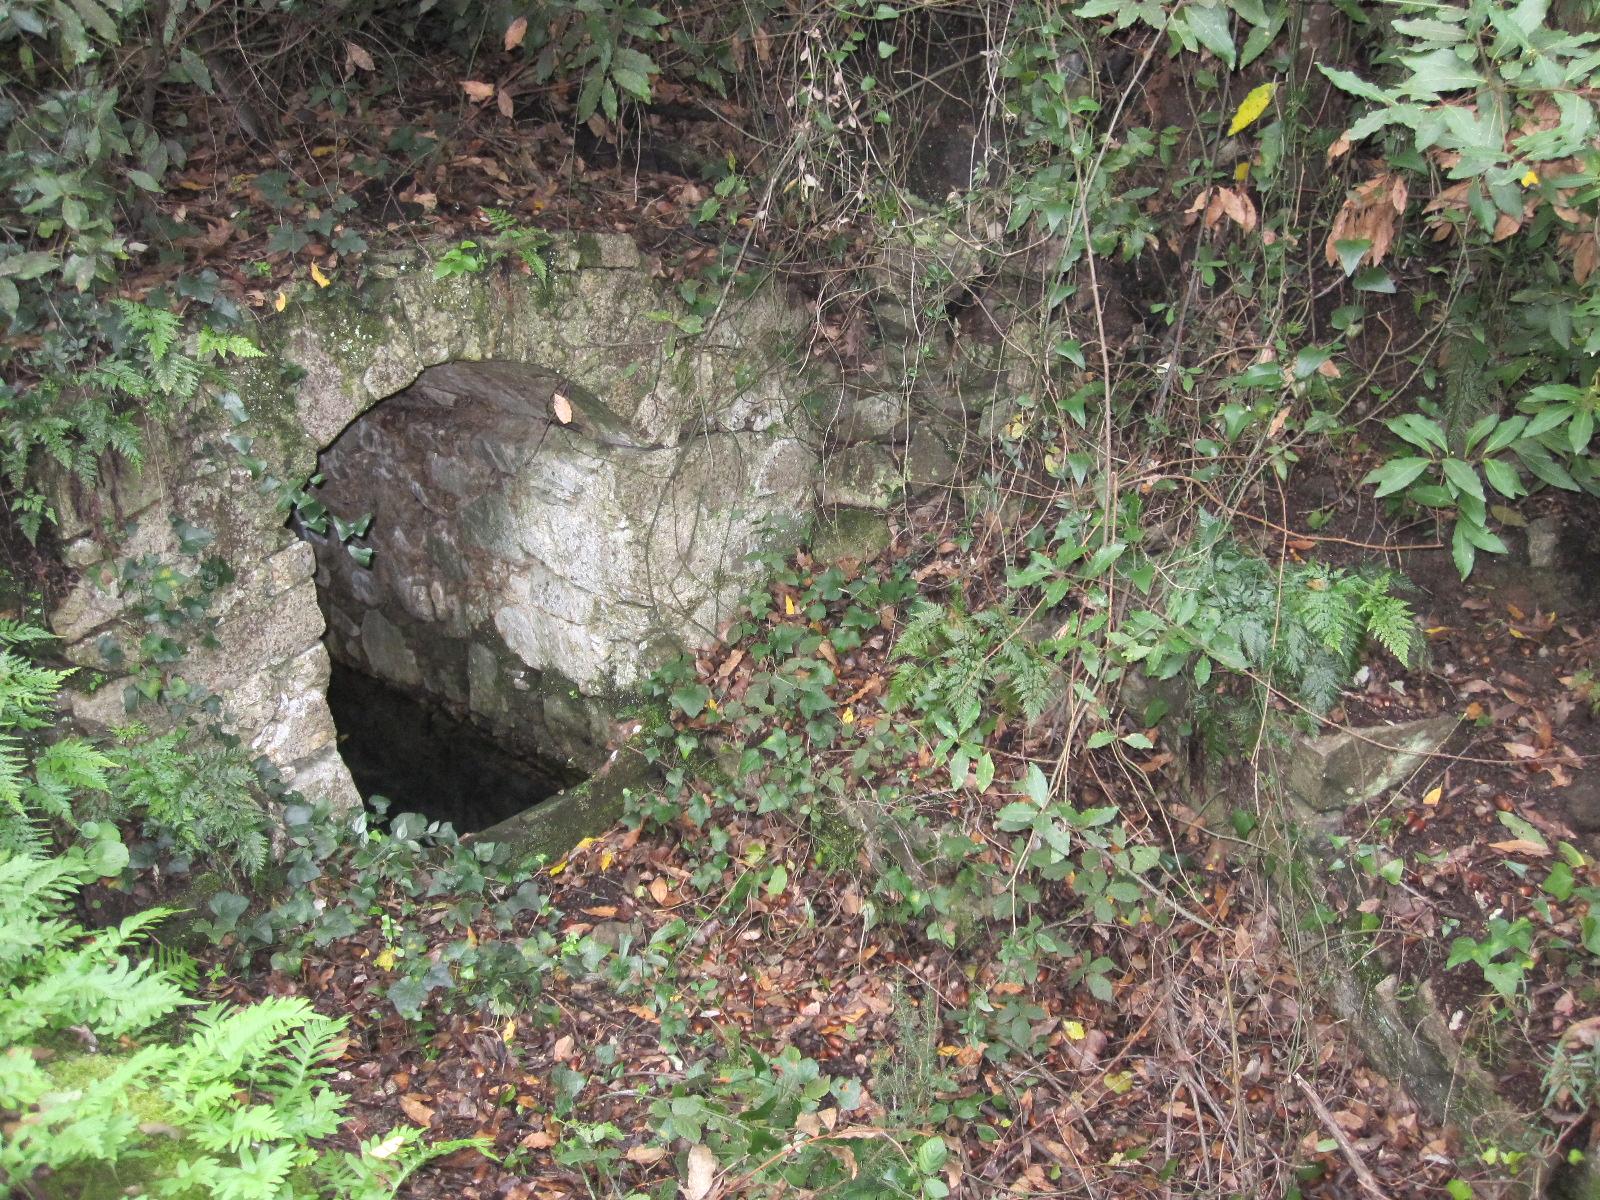 La font del Mas Ragolta és del tipus biot. No veiem un broc d'aigua sinó un clot excavat a la roca i una petita caseta construïda amb volta de pedra i morter. La font pertany al mas Ragolta situat a Cruïlles, Monells i Sant Sadurní de l'Heura.